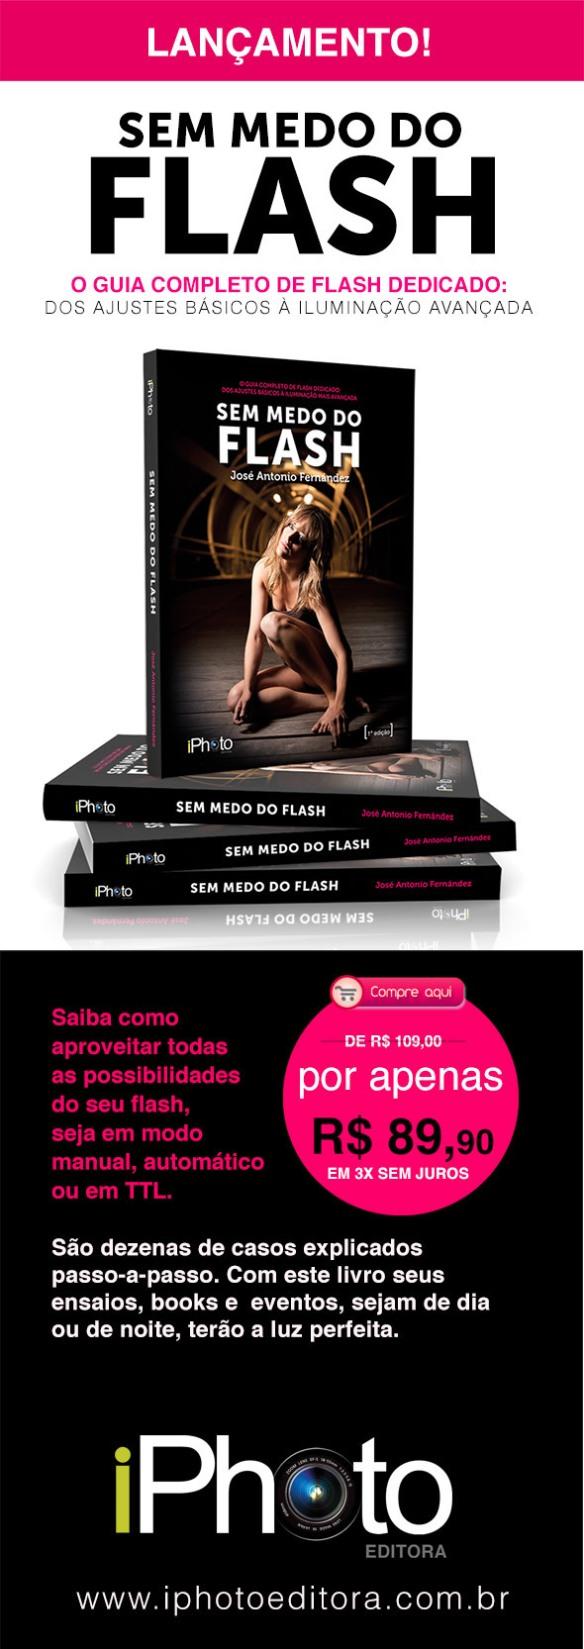 Lnaçamento iPhoto Editora - Saiba como aproveitar todas as possibilidades do seu flash